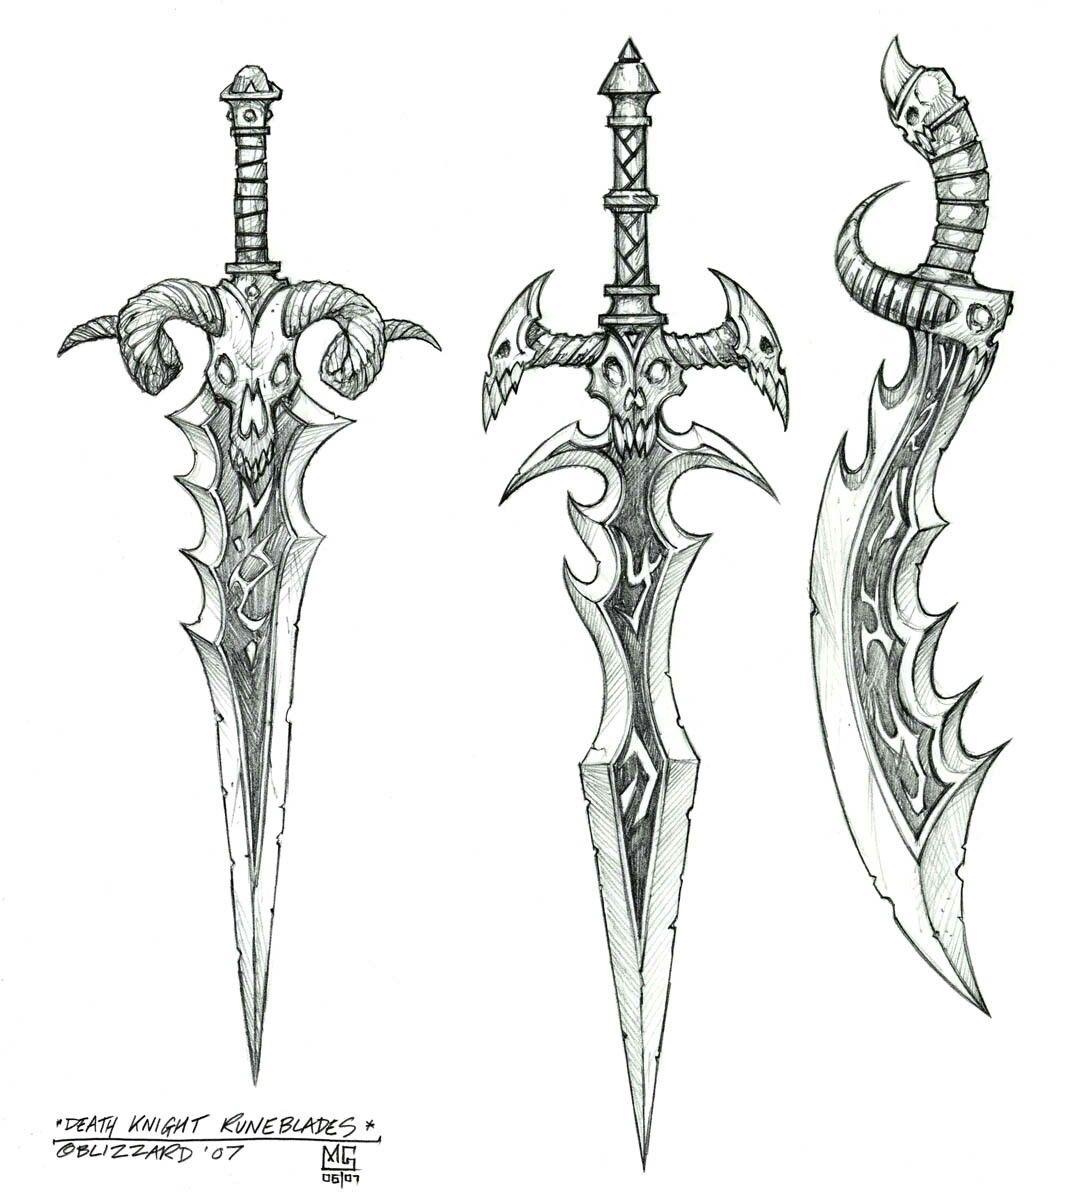 Espadas01201 Dibujos De Armas Arte De Espada Espada Dibujo